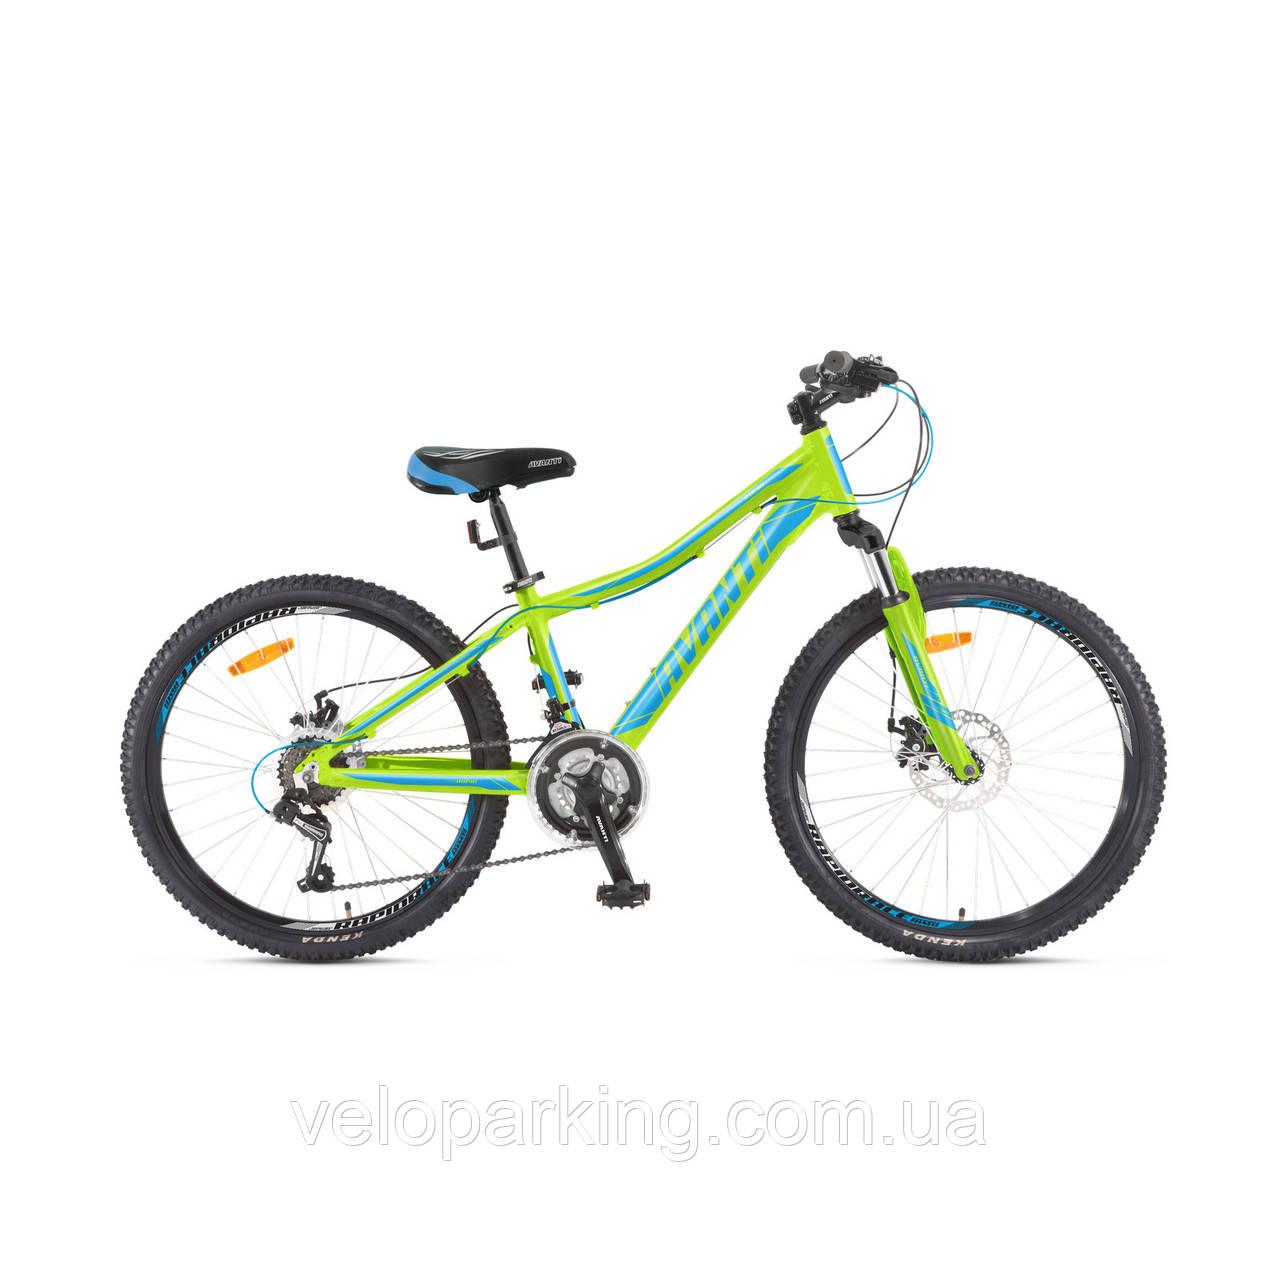 Горный подростковый велосипед Avanti Rapid 24 (2018) DD new